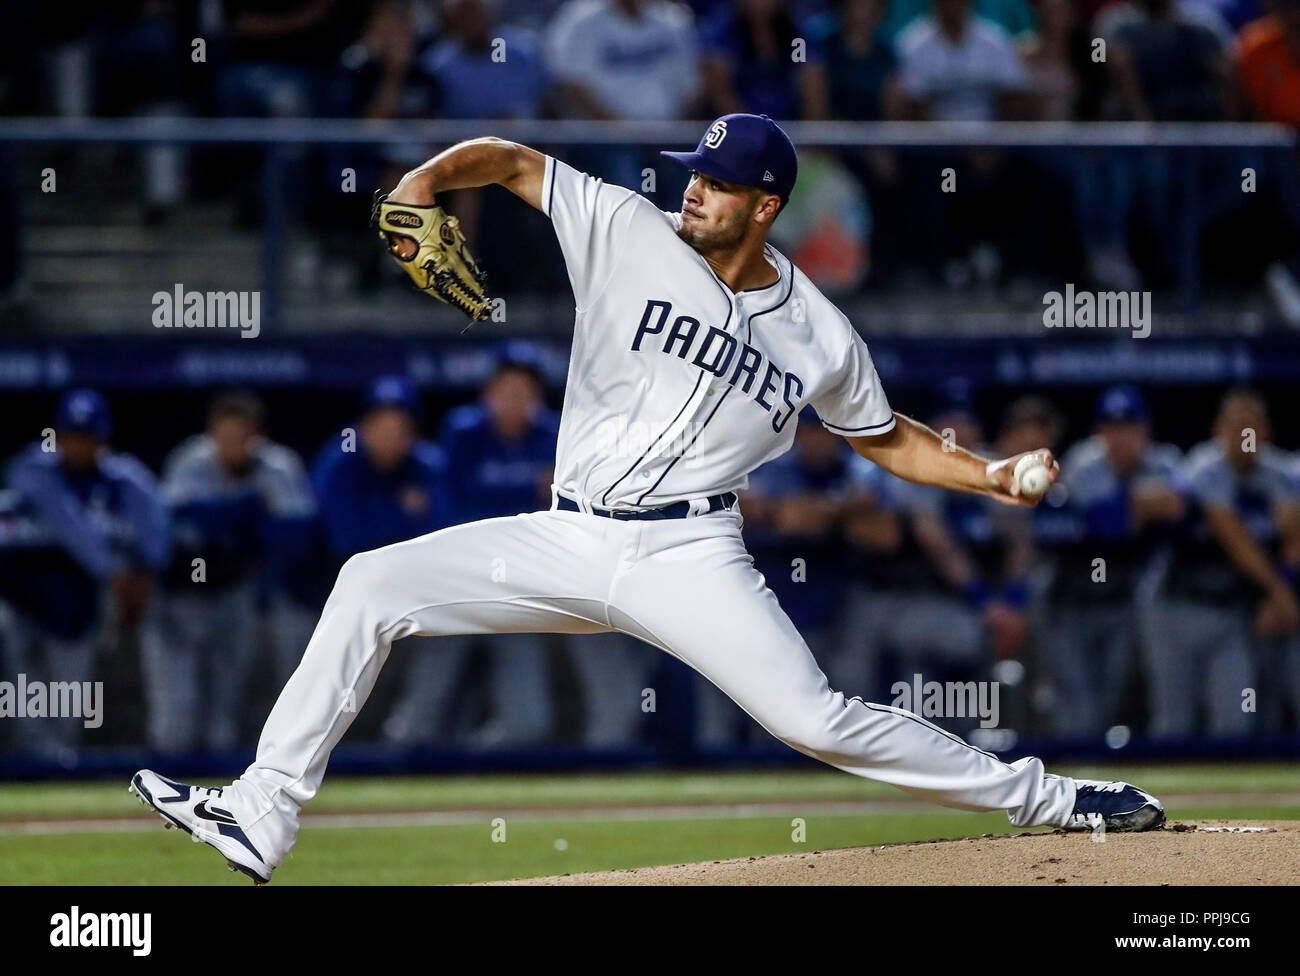 Joey Lucchesi pitcher inicial de San Diego, durante el partido de beisbol de los Dodgers de Los Angeles contra Padres de San Diego, durante el primer  - Stock Image